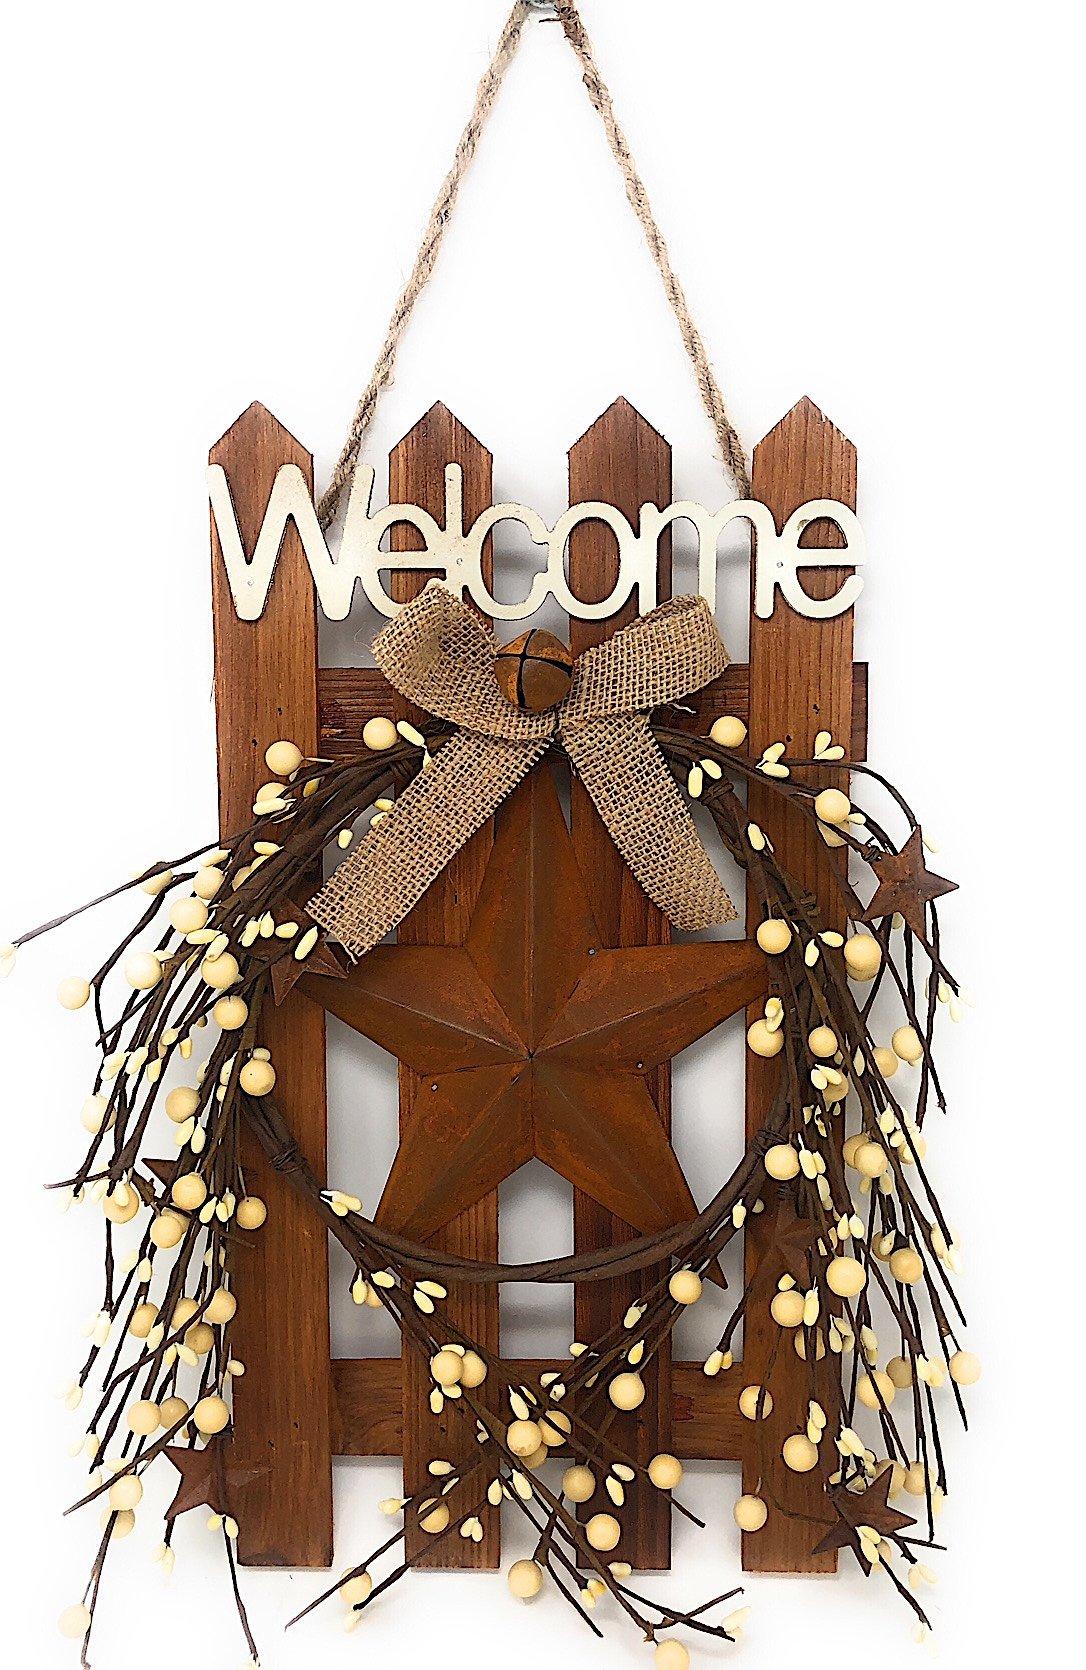 D.I. Inc Welcome Wood Metal Star 3D Rustic Sign Wreath Wall Barn Front Door Decor Indoor Outdoor 16'' x 12'' (White Burlap & Bell)